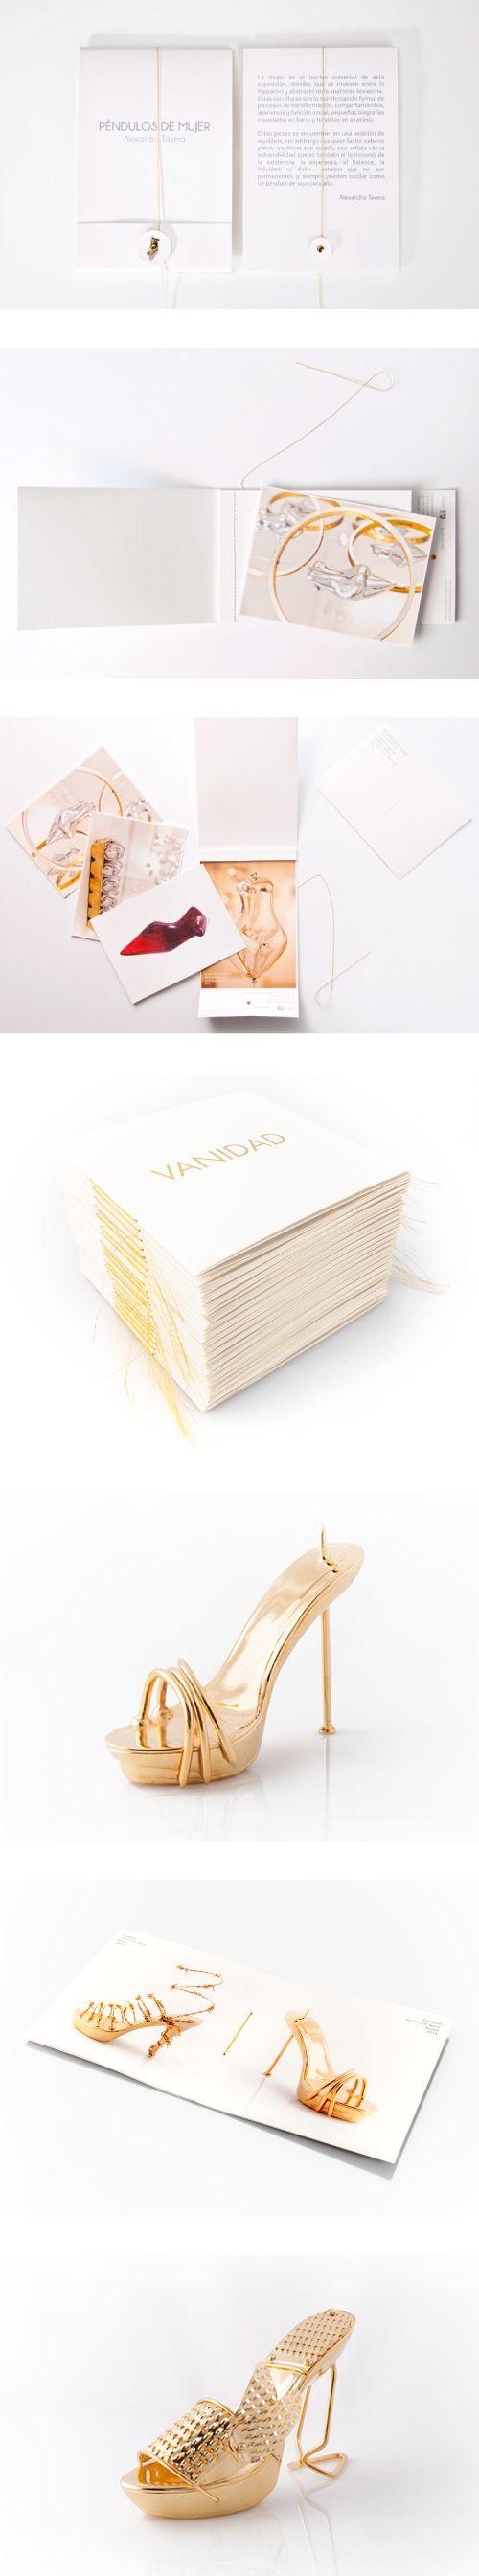 Alexandra Tavera   www.estudio201.com  Diseño de catálogos de arte.  Dirección Artística: Fotografía, composición de piezas gráficas.